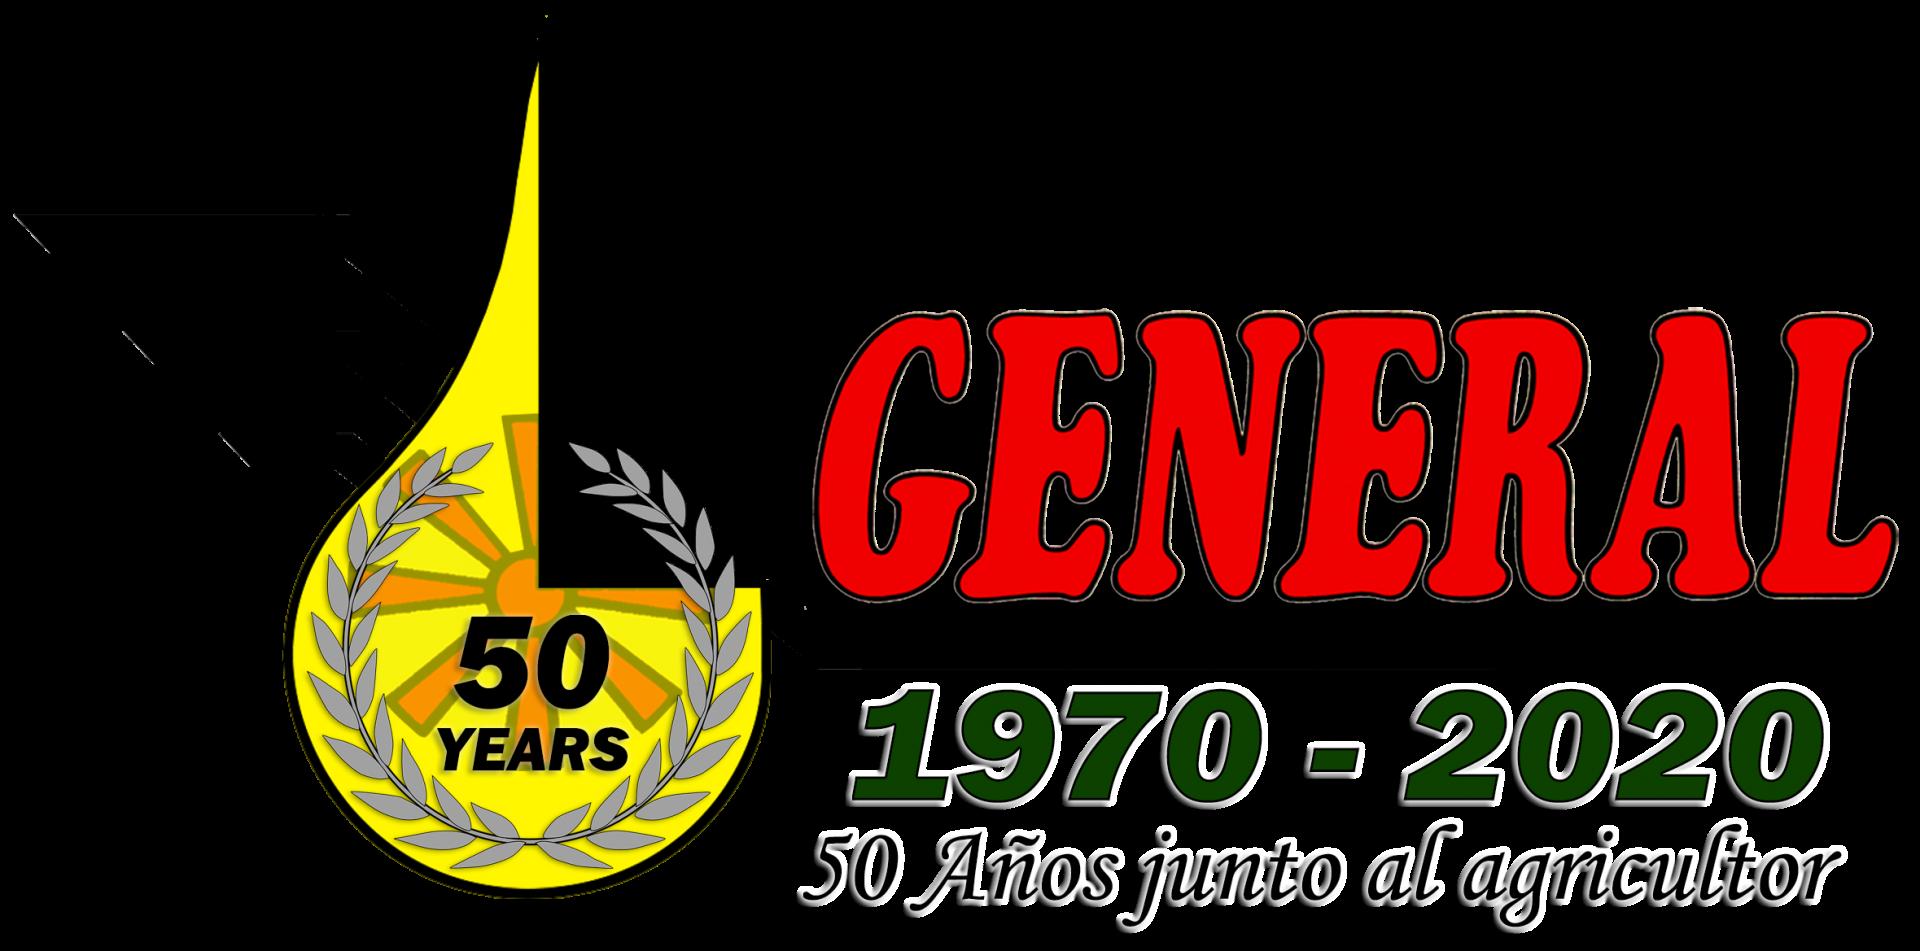 50 AÑOS JUNTO AL AGRICULTOR